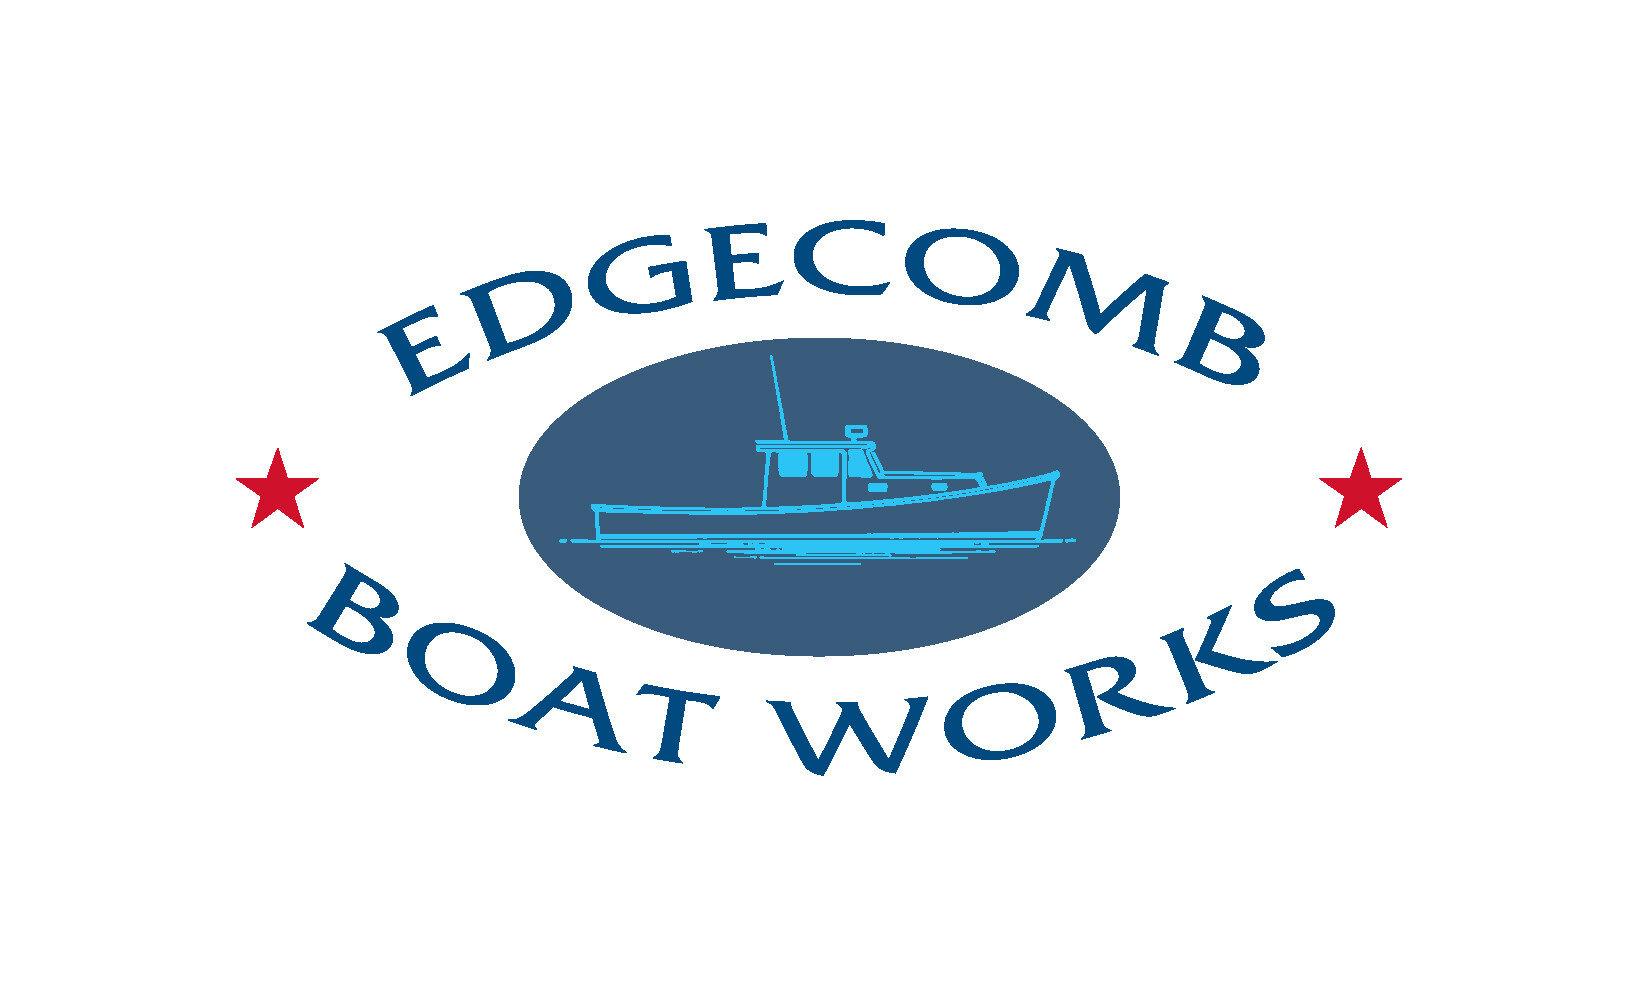 Edgecomb.jpg